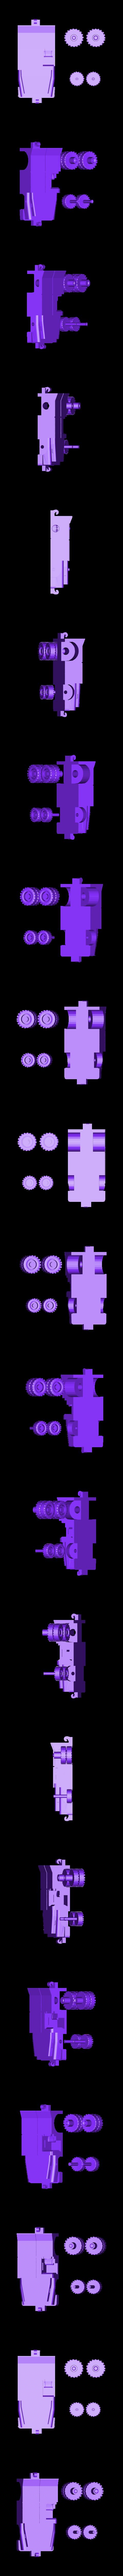 MD-3_PRINTABLE.stl Télécharger fichier STL gratuit MD3 Tracteur de pont d'envol • Design à imprimer en 3D, TomasLA